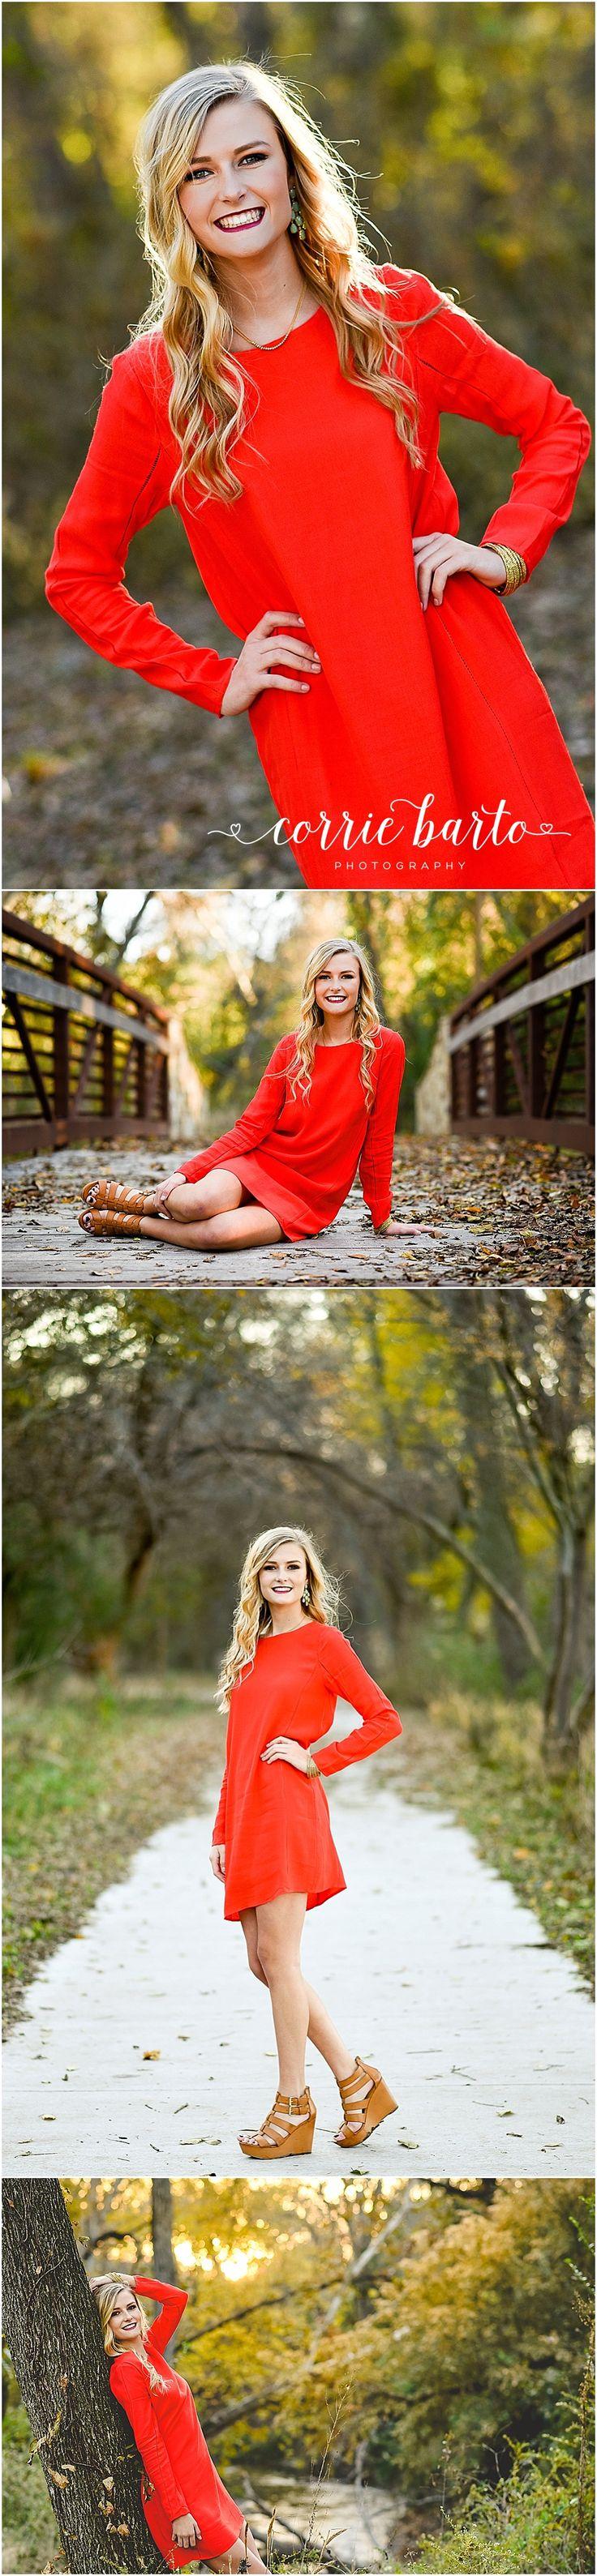 Senior Portraits-senior girls-senior girl outfits-photoshoot poses for girls-nature senior porttraits